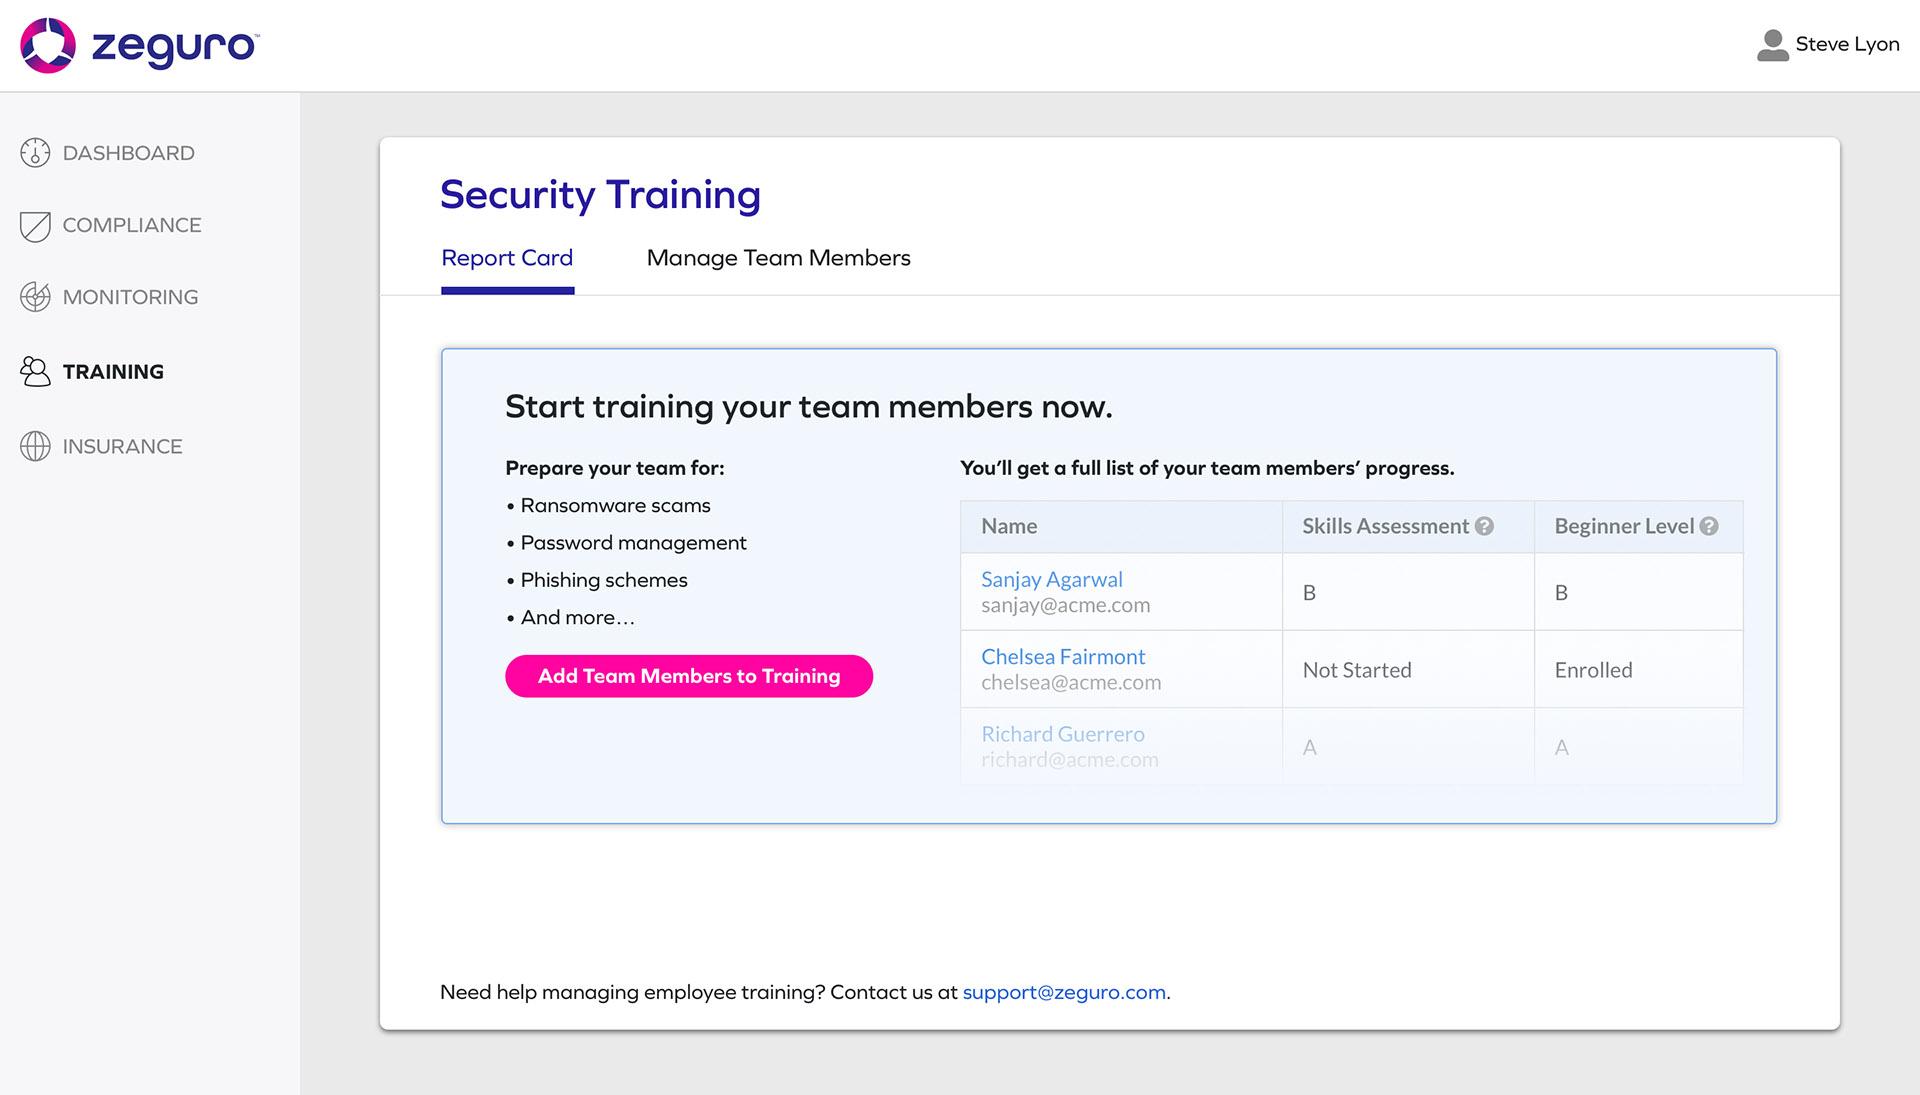 Screenshot from Zeguro platform to show Training screen